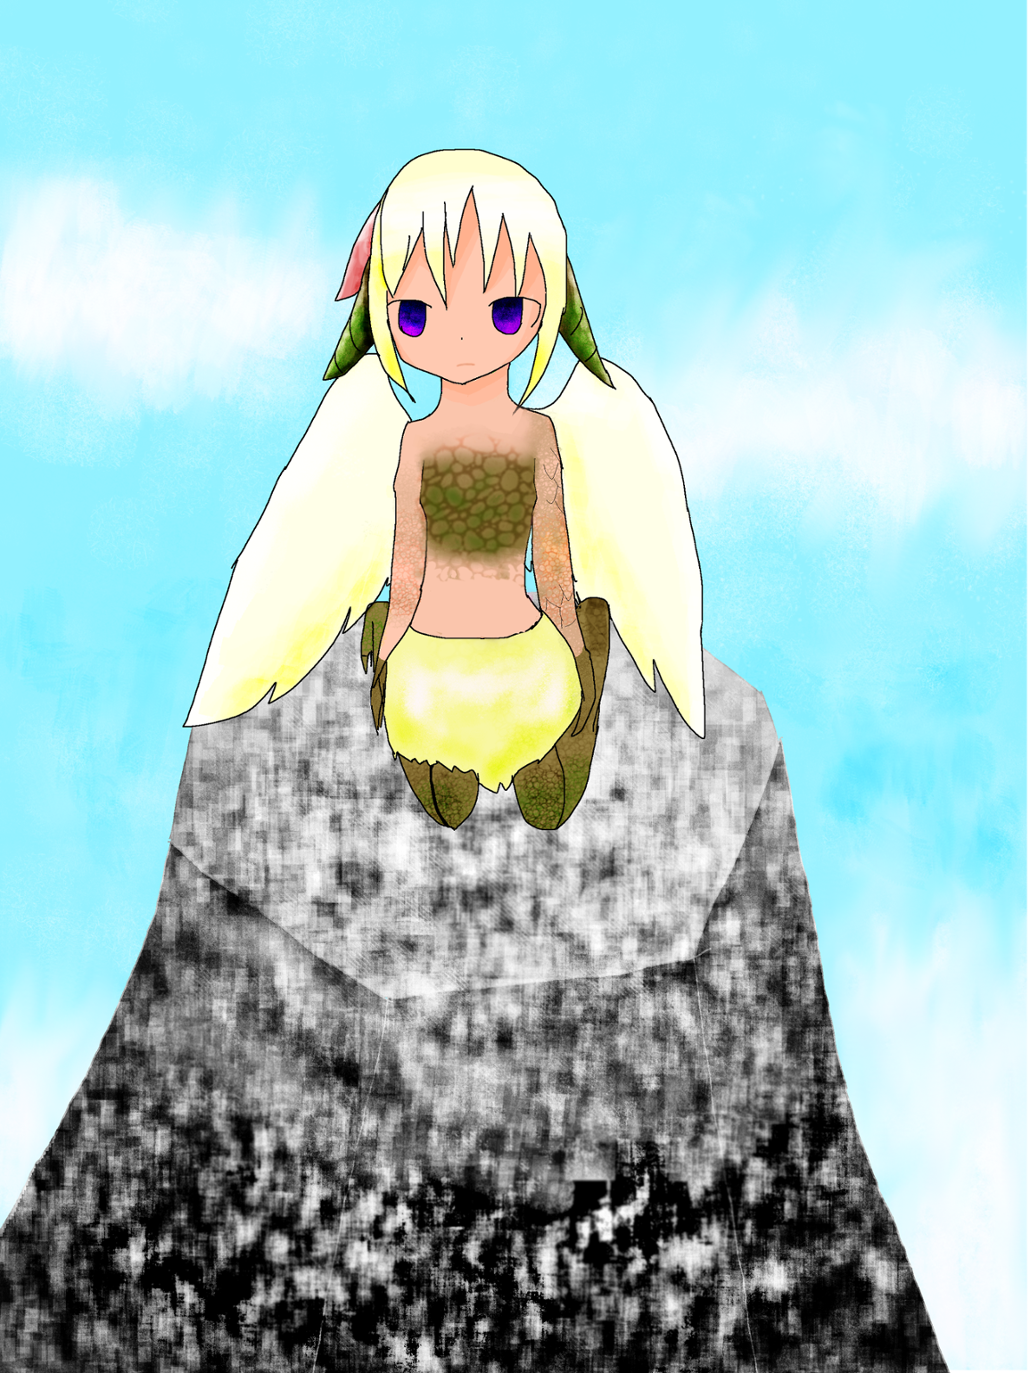 氷晶雲様 はね・恐竜・幼女